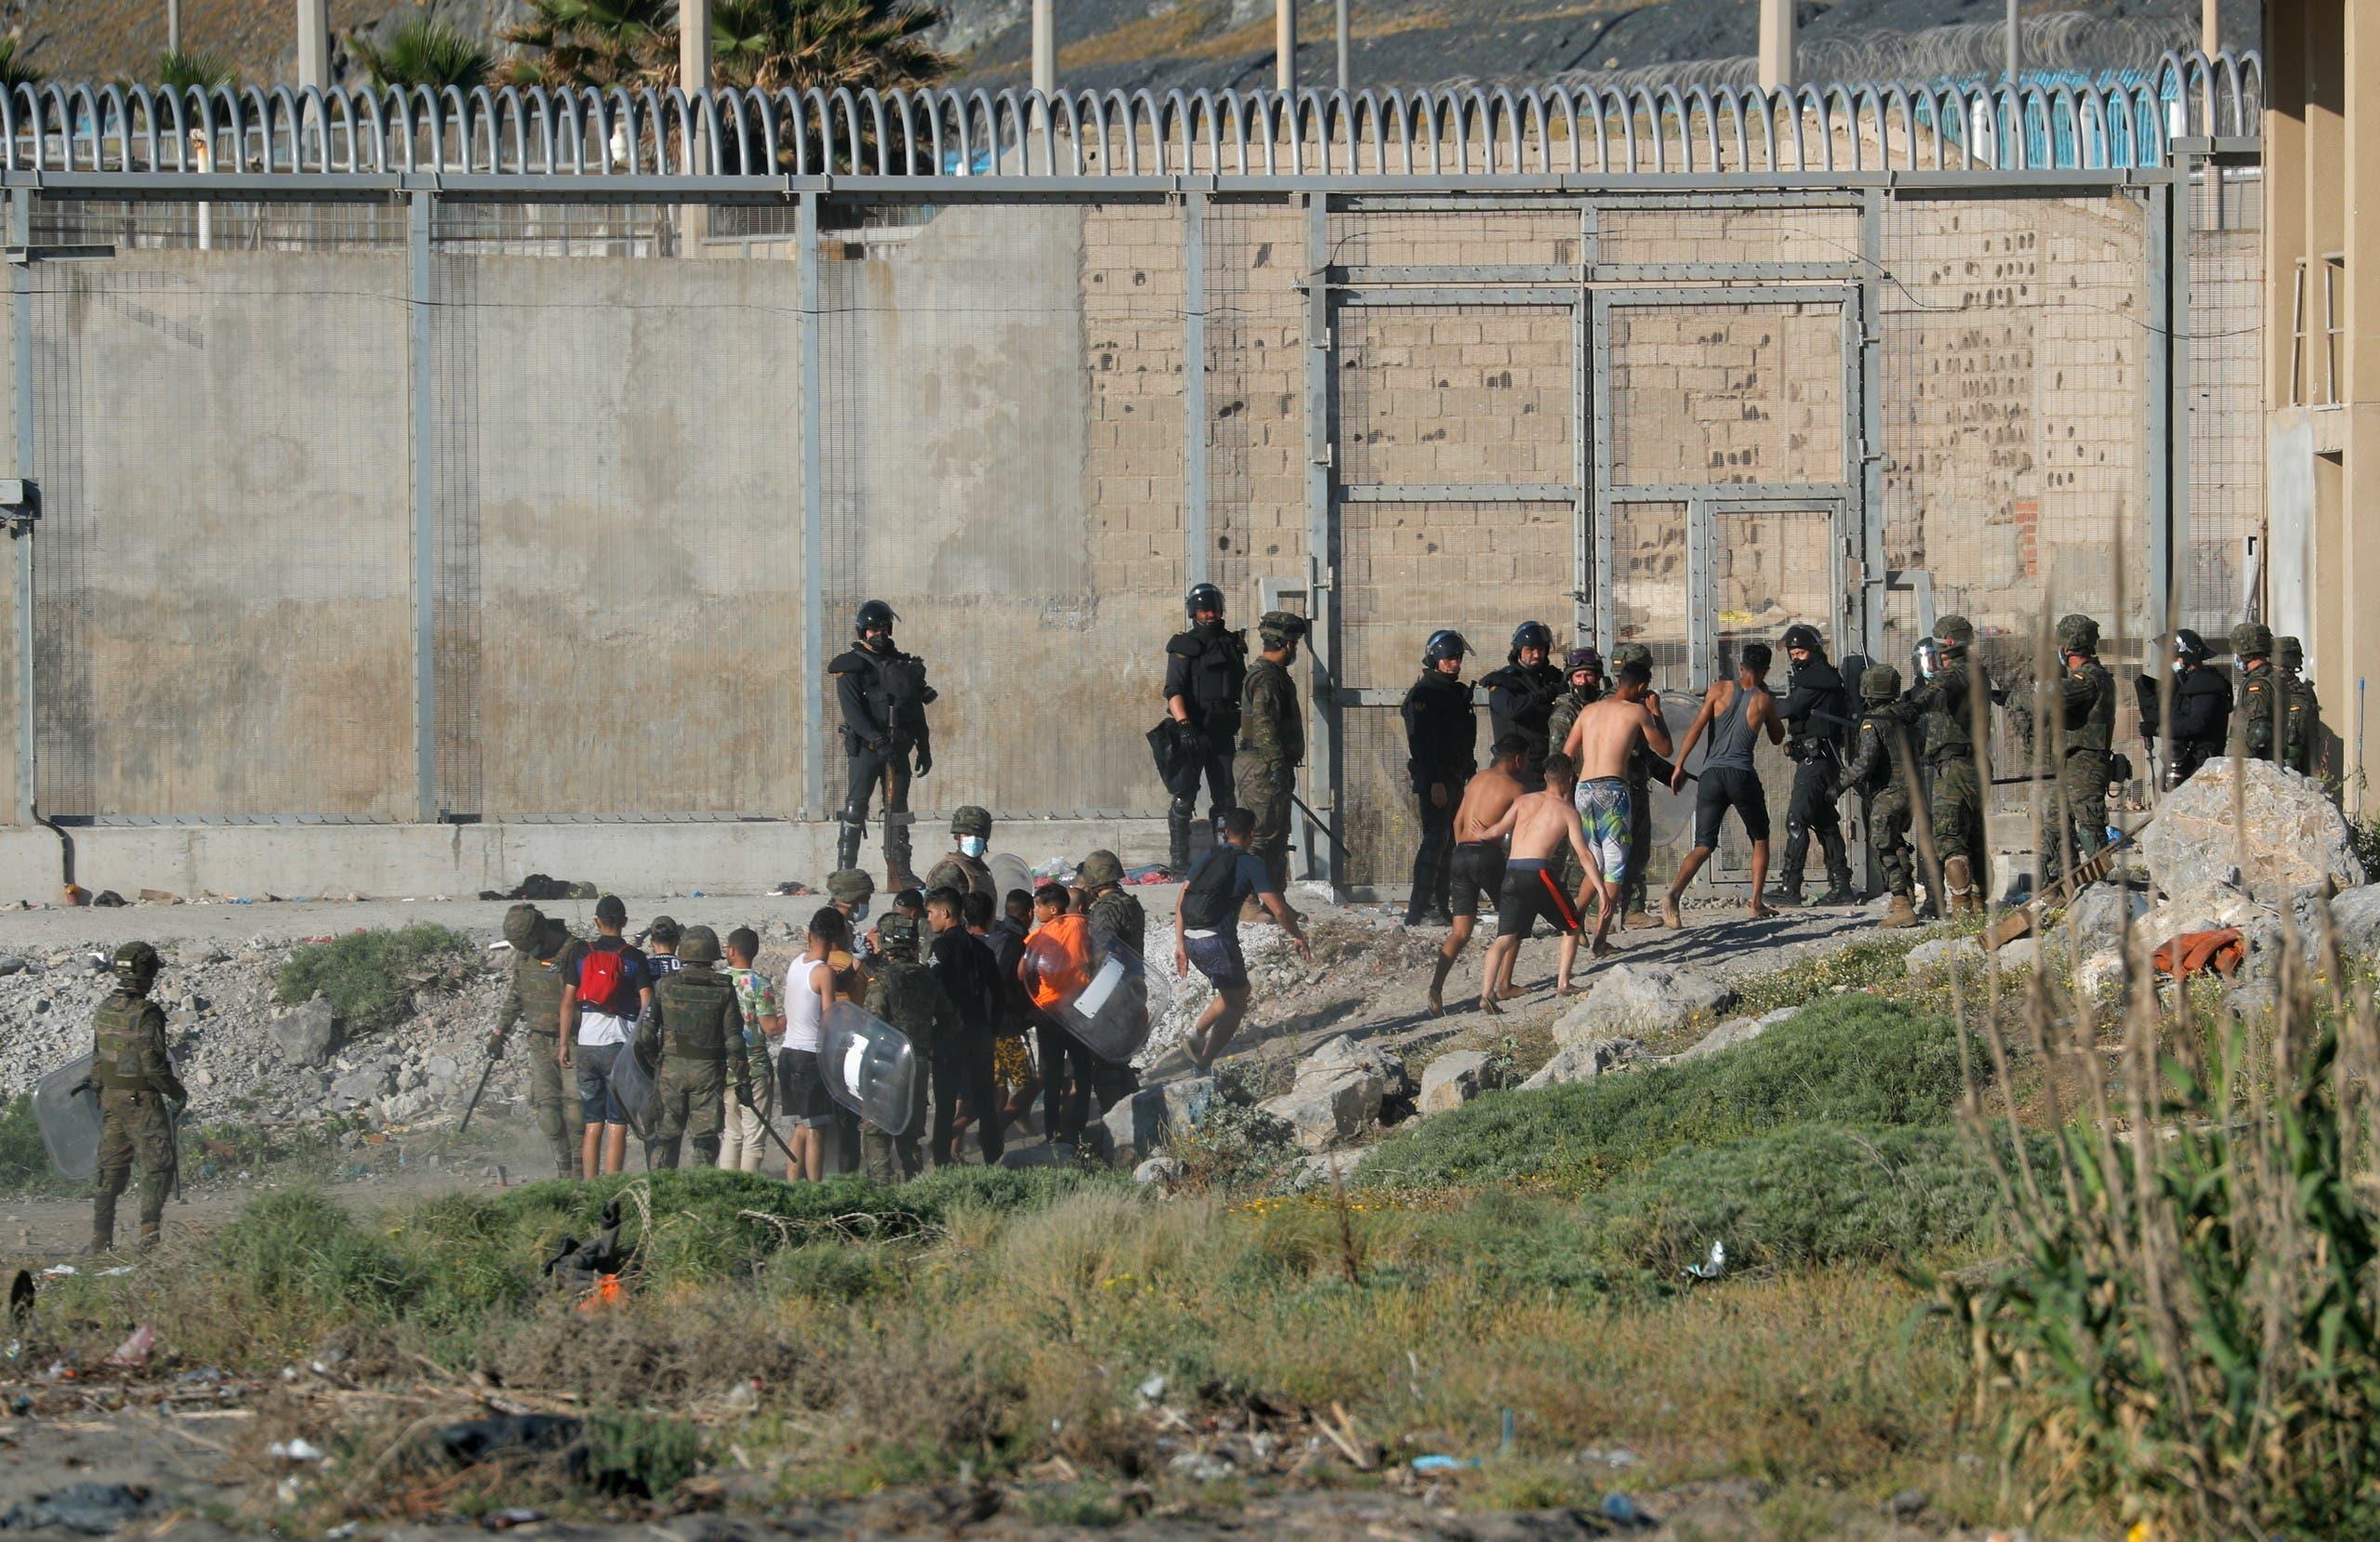 مهاجرون في المغرب يحاولون الدخول إلى جيب سبتة الاسباني